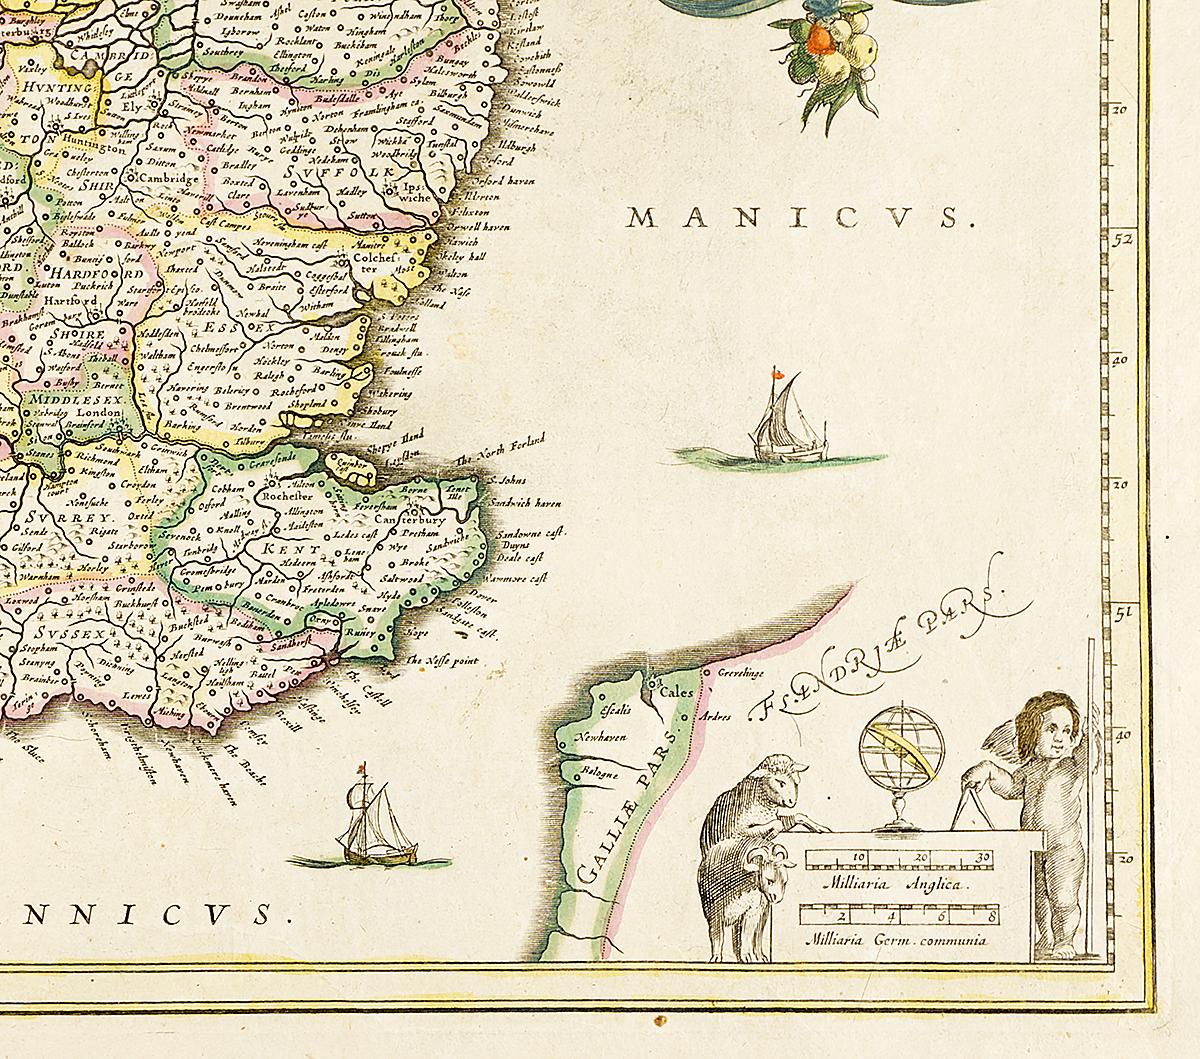 Географическая карта Англии с частью Шотландии и Ирландии.  Гравюра.  Западная Европа, около 1630 года  Не подлежит вывозу за пределы Российской Федерации. Размер 60,5...